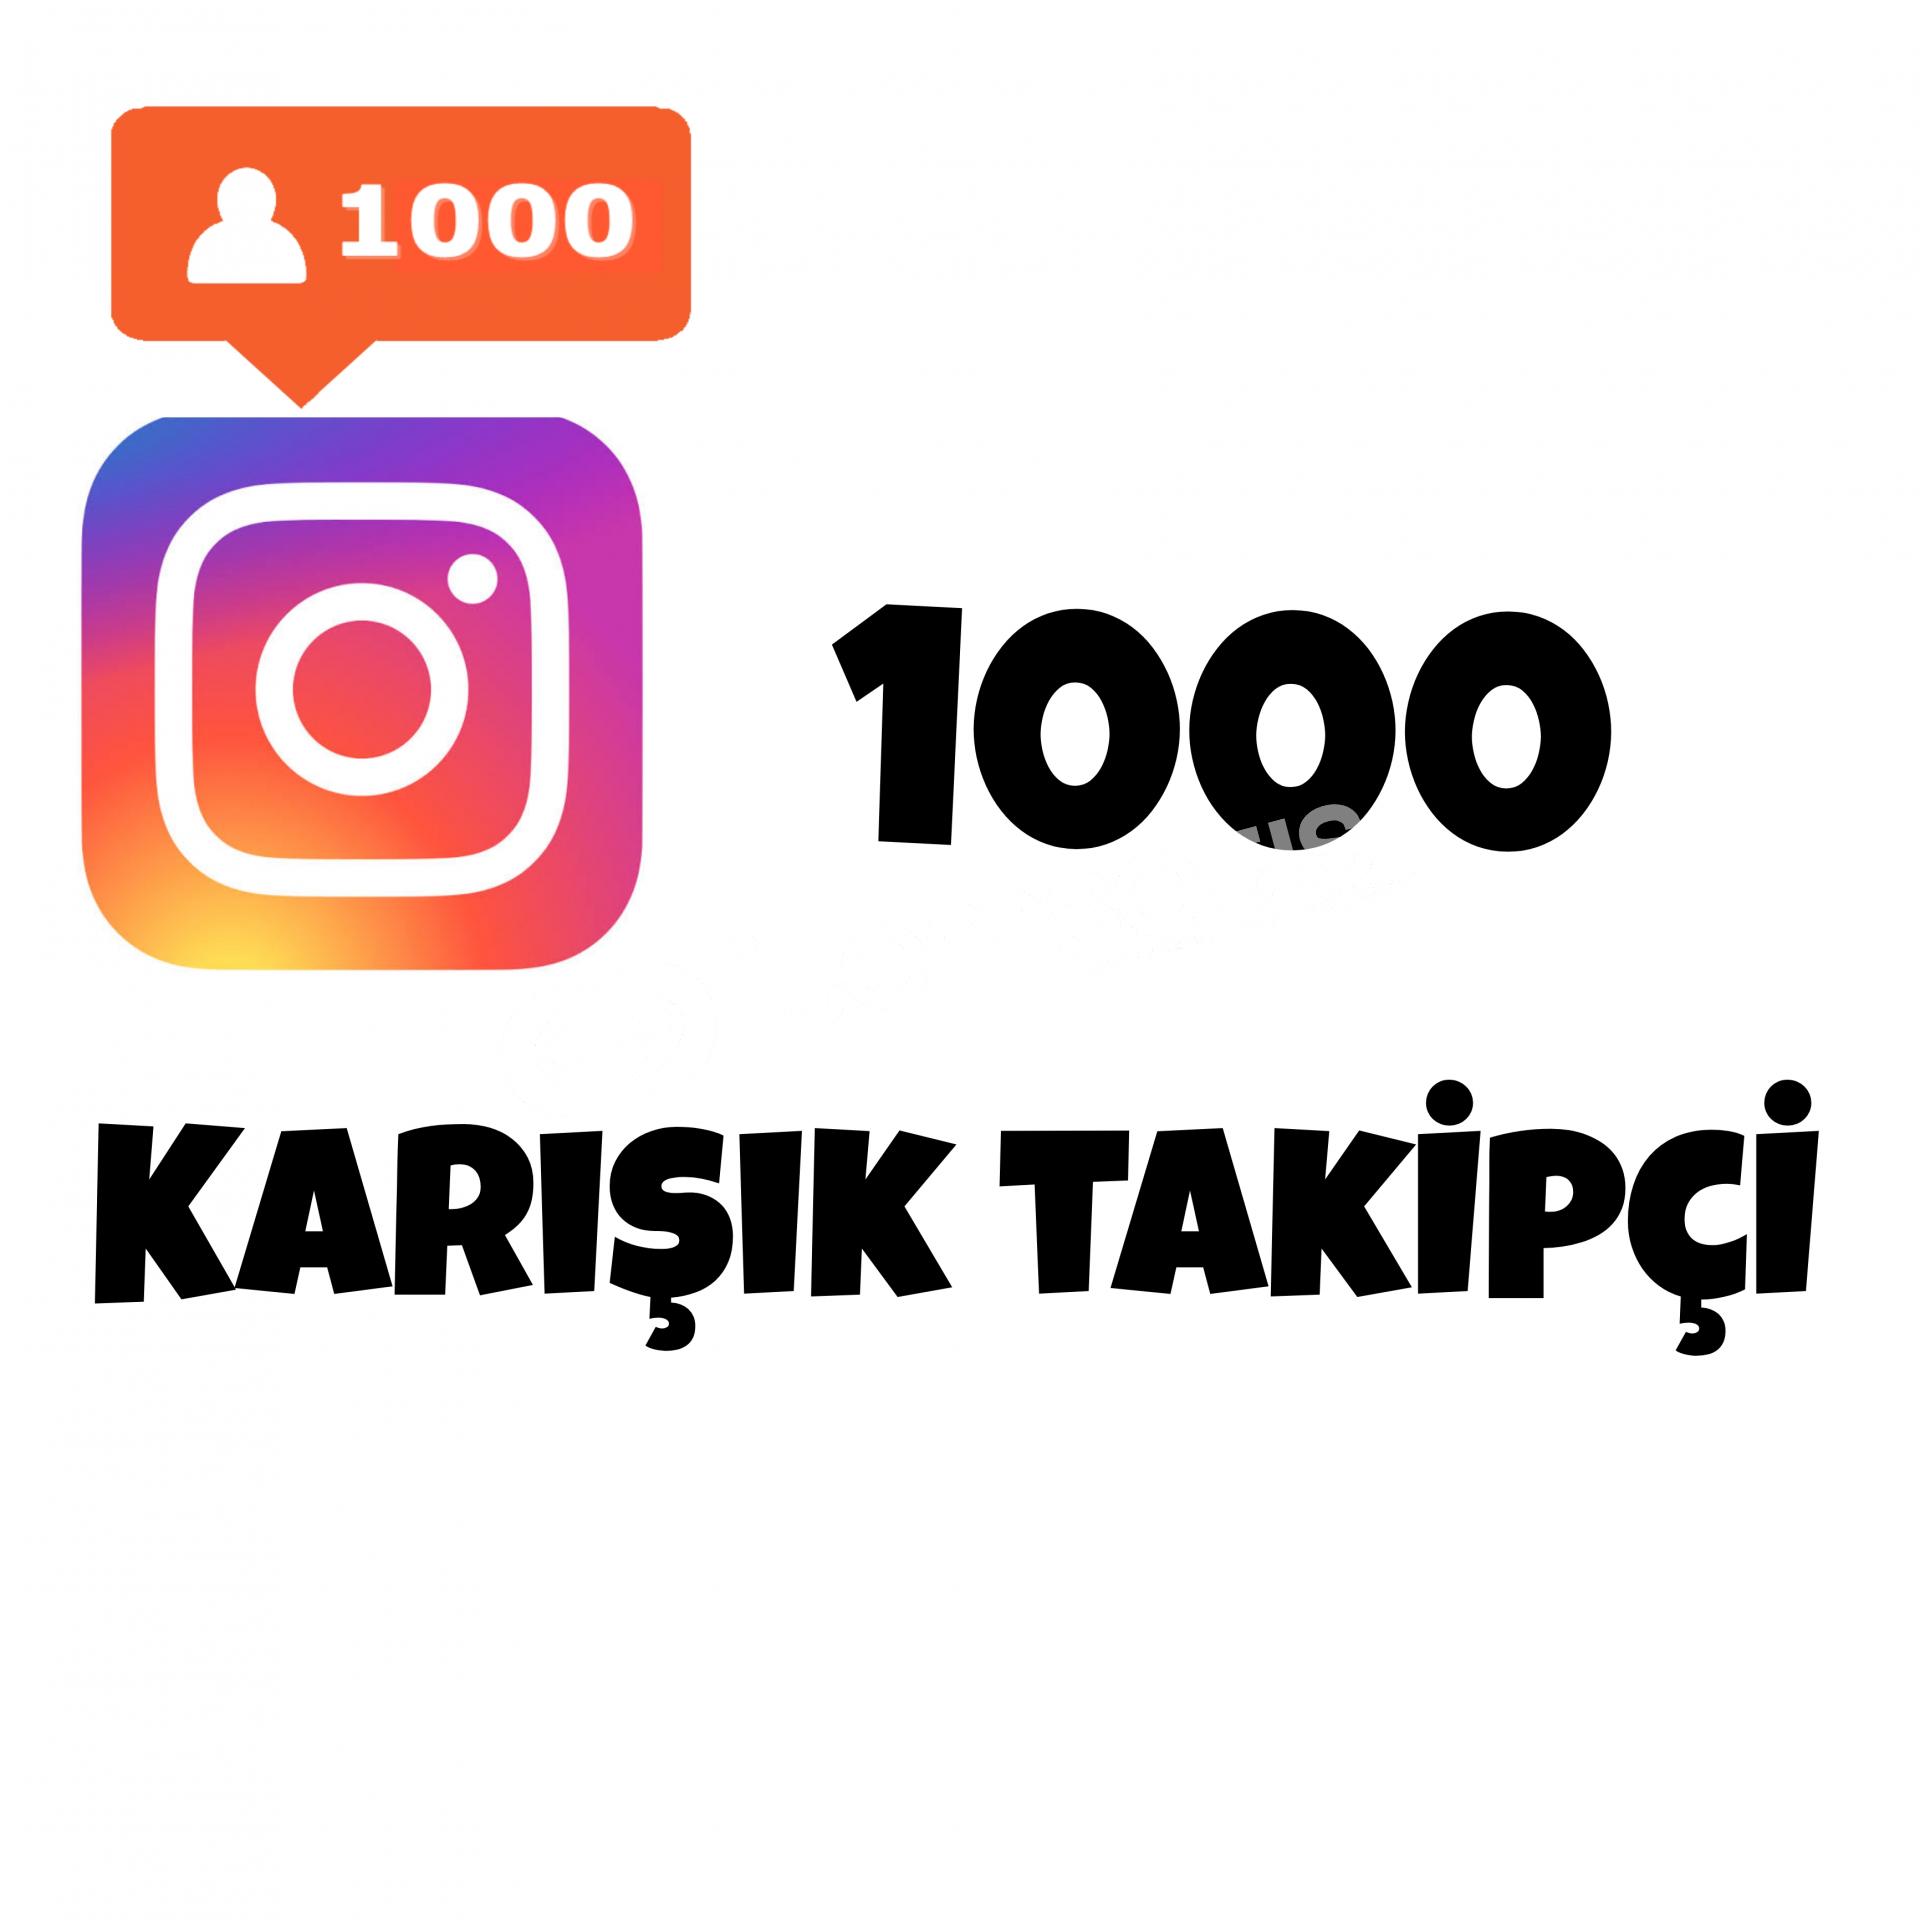 1000 KARIŞIK TAKİPÇİ İNSTAGRAM   ANLIK GÖNDERİM